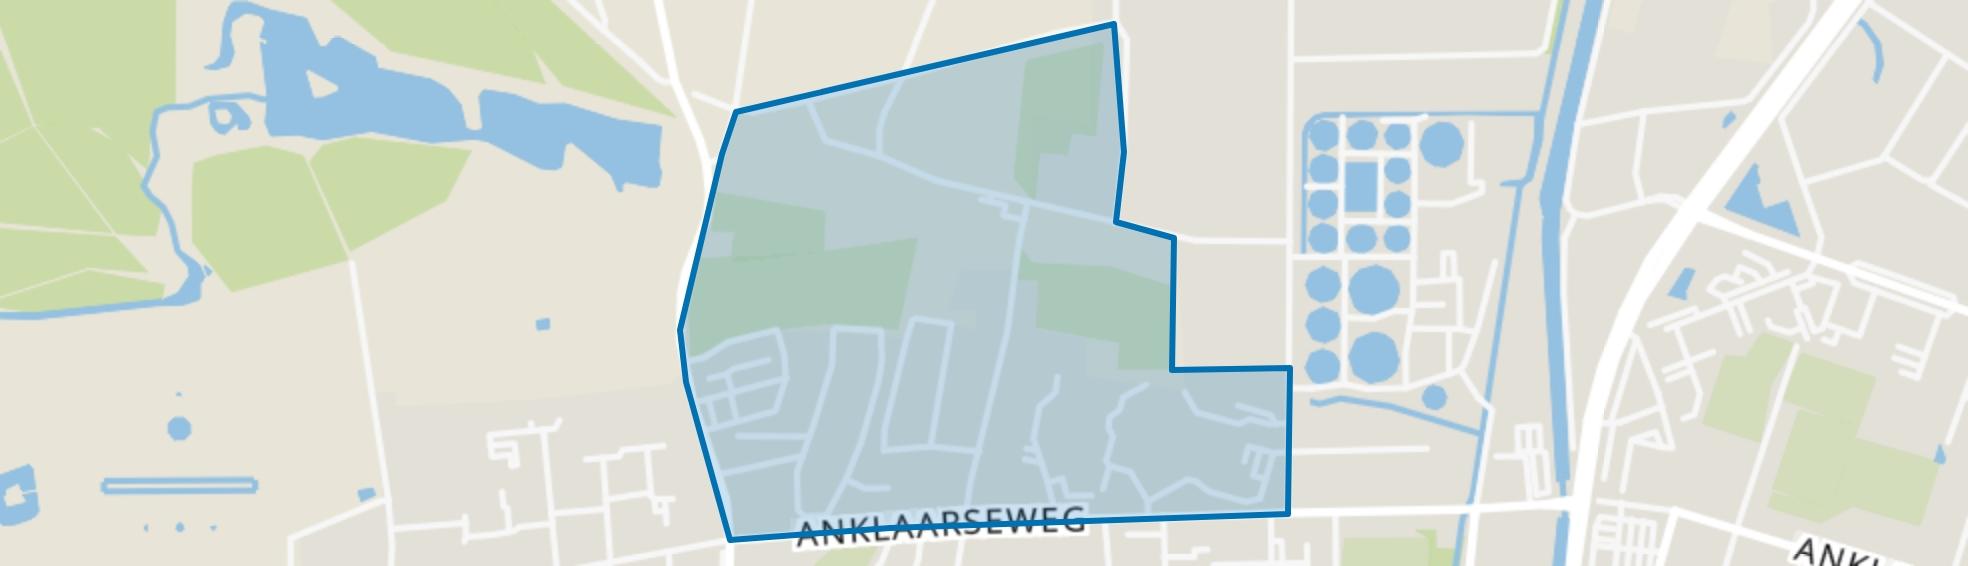 Hommelbrink, Apeldoorn map